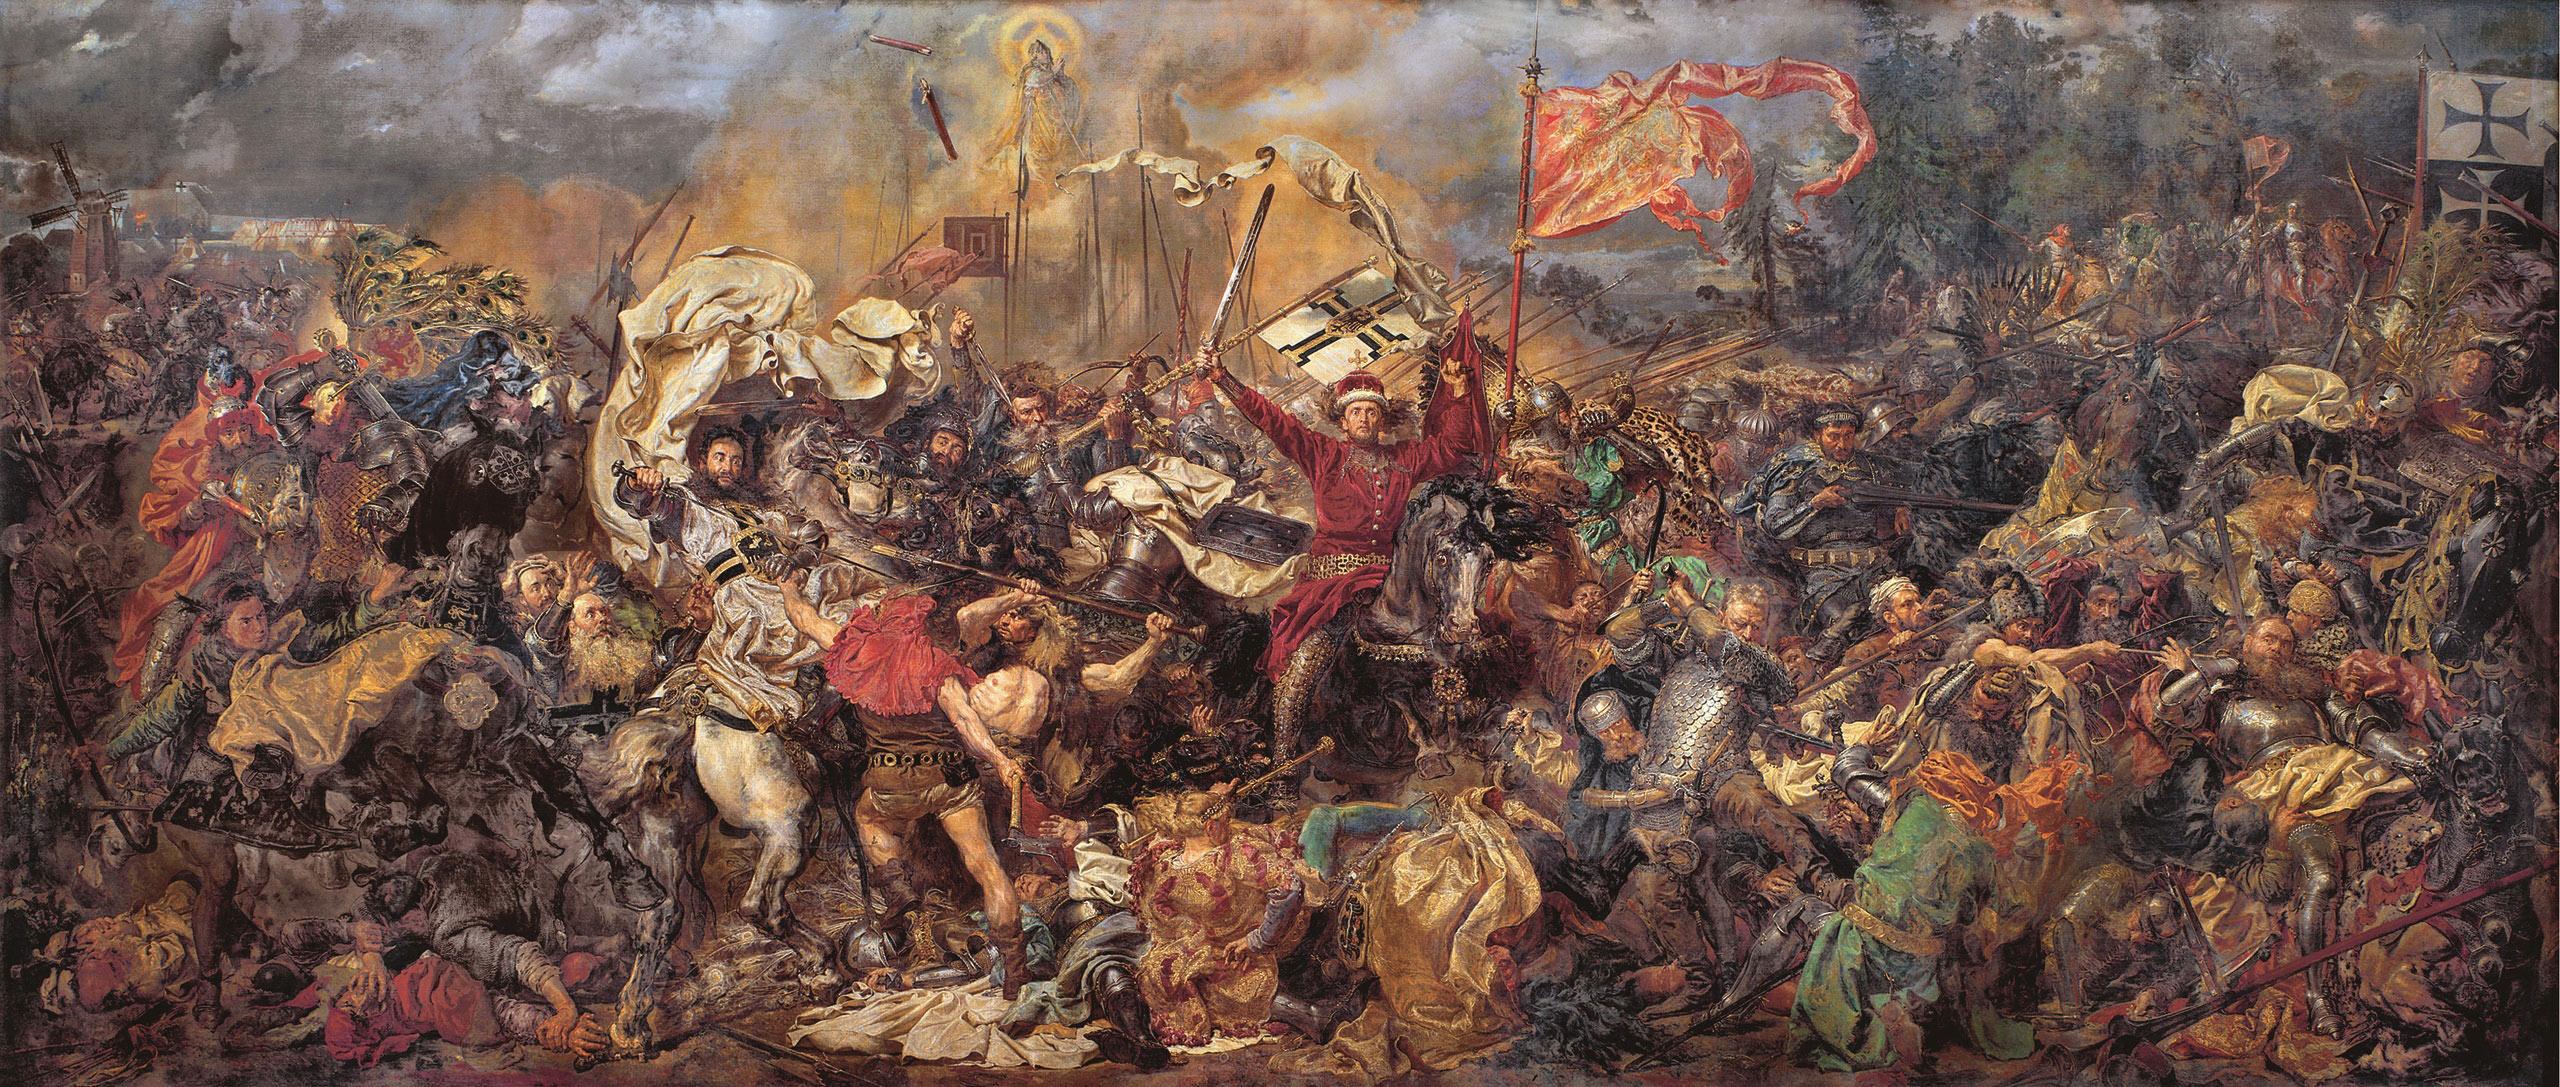 Battle of Grunwald by Jan Matejko (1878)